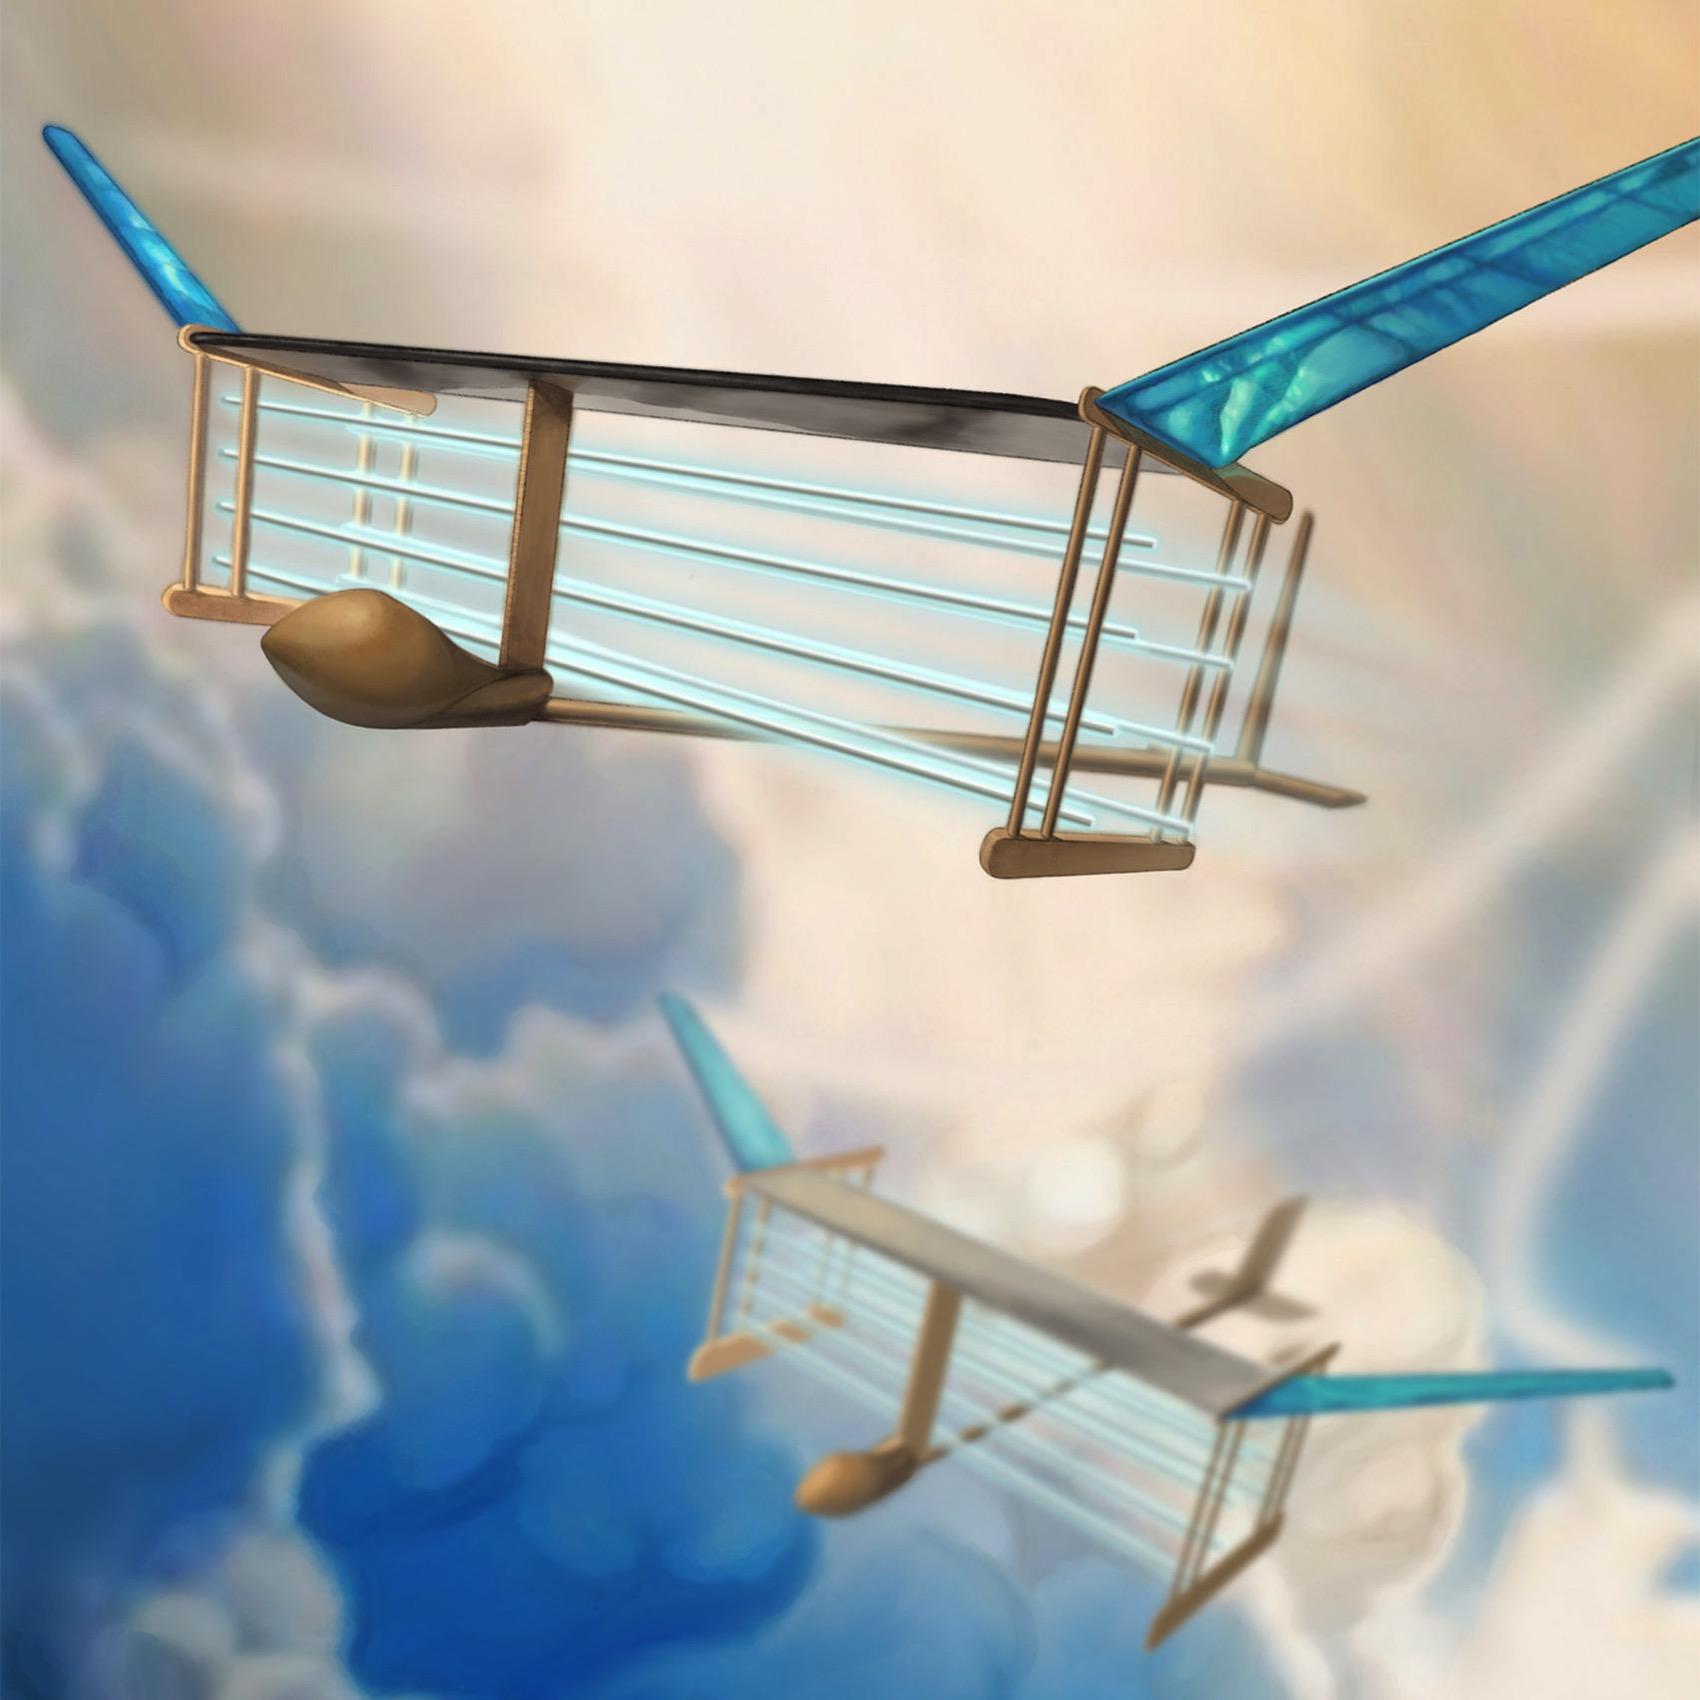 Mit motorless plane dezeen 2364 sq 1704x1704